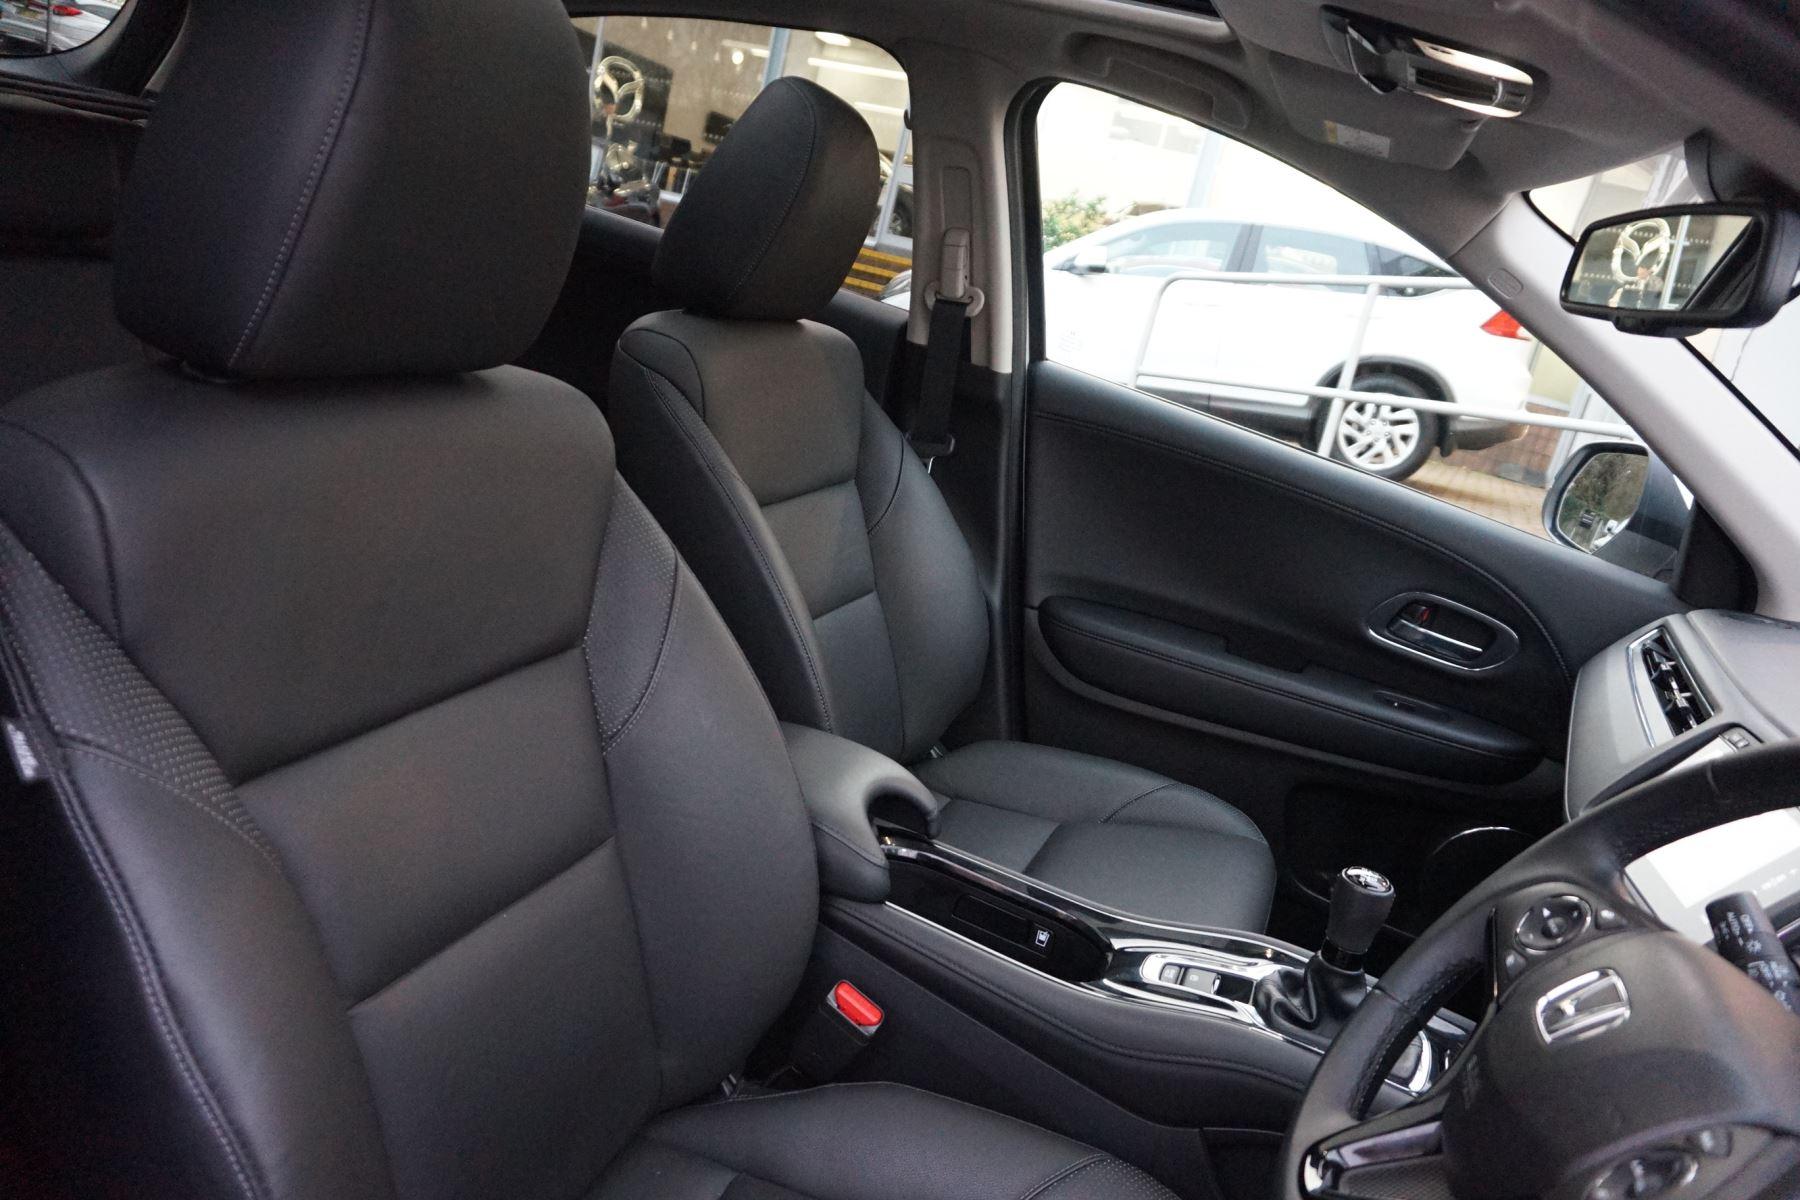 Honda HR-V 1.6 i-DTEC EX 5dr image 18